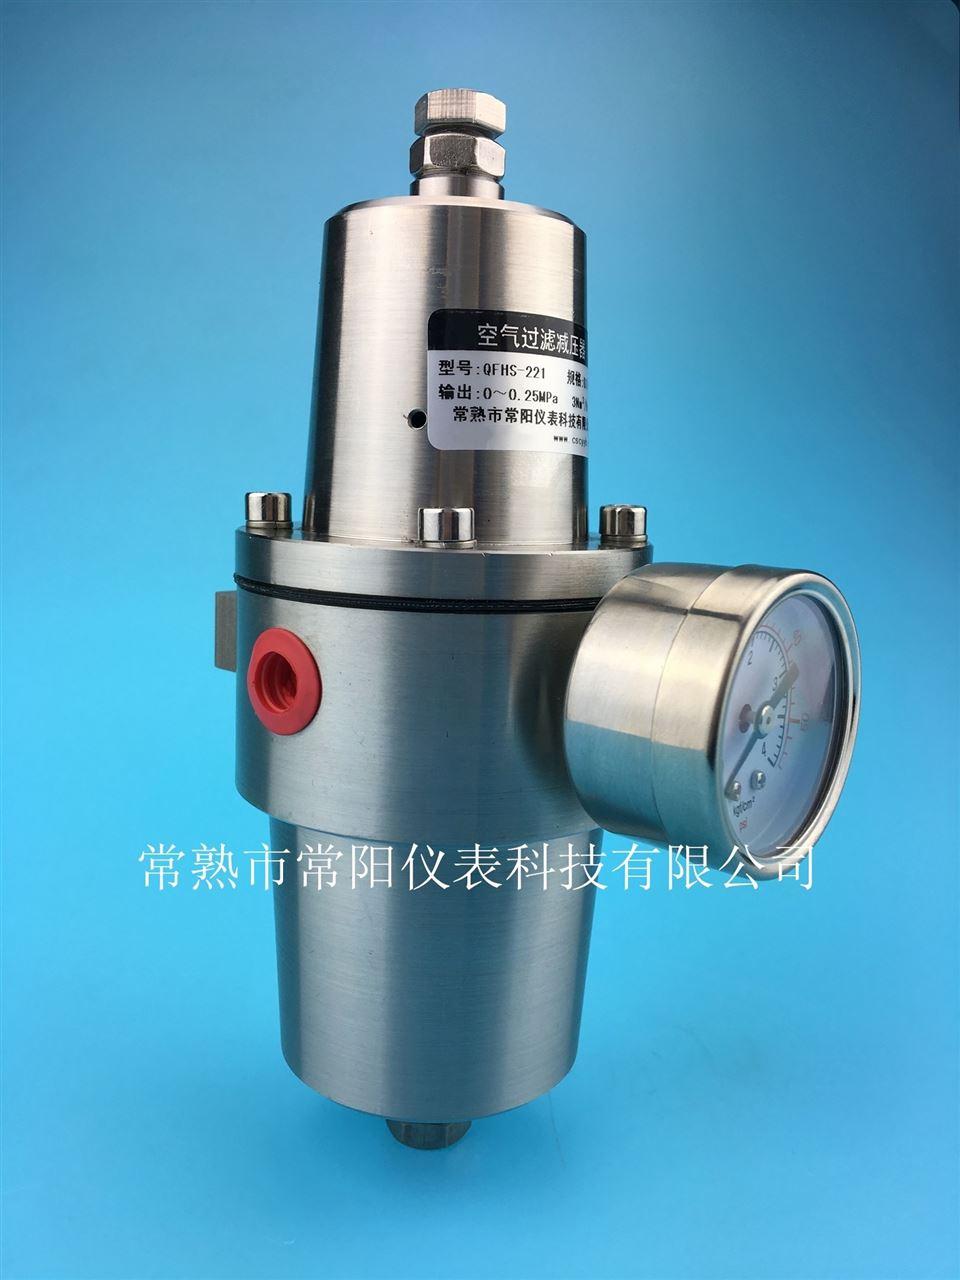 耐腐蚀不锈钢过滤减压阀QFHS-211;QFHS-221不锈钢空气过滤减压器